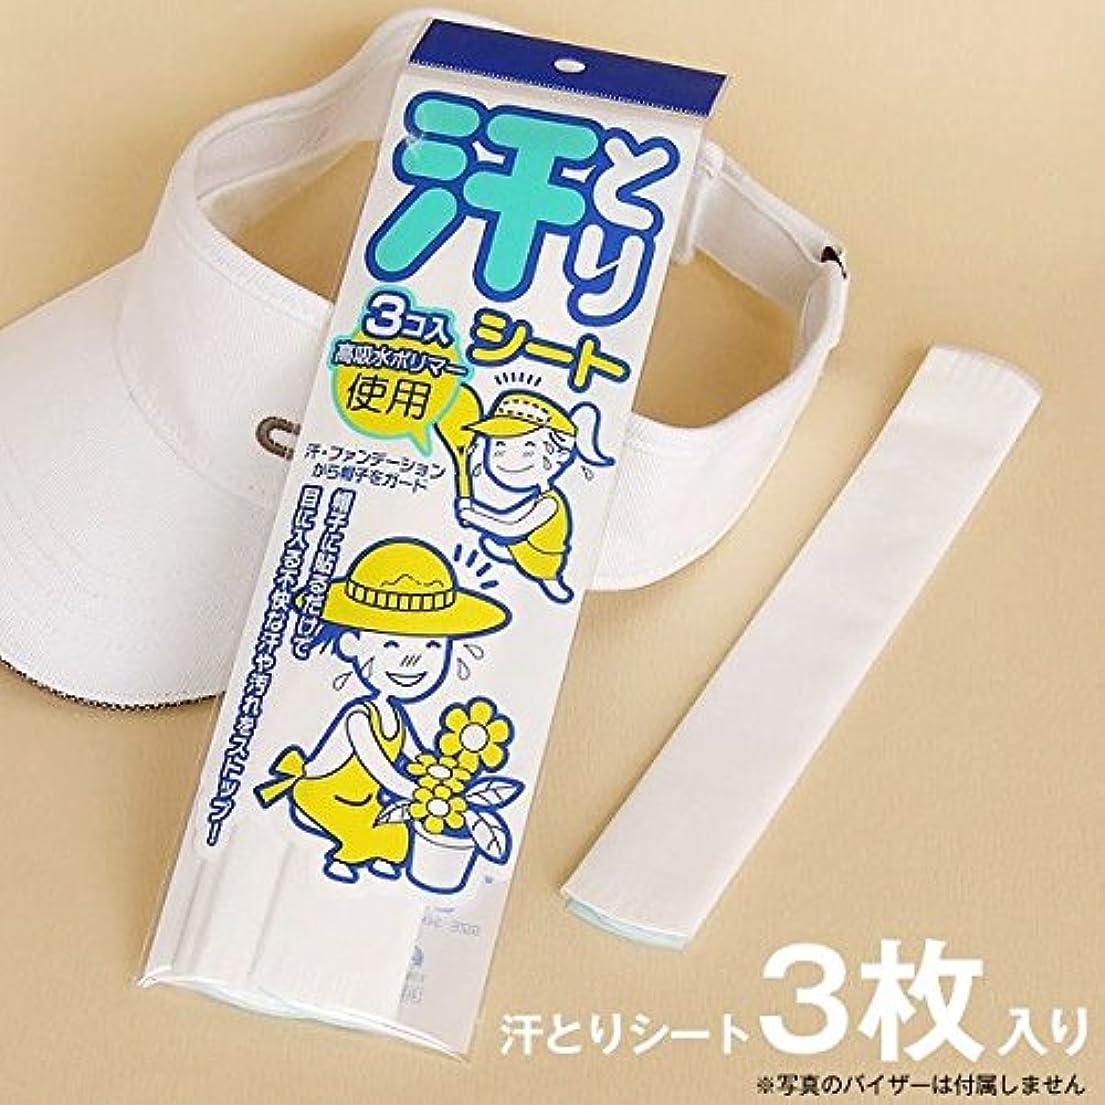 守銭奴講義間違いなく汗取りシート 高吸水ポリマー 使用 帽子 サンバイザー ヘルメット インナー ファンデーション付着 防止 シャツ えり(日本製) (3個入り×3パック)